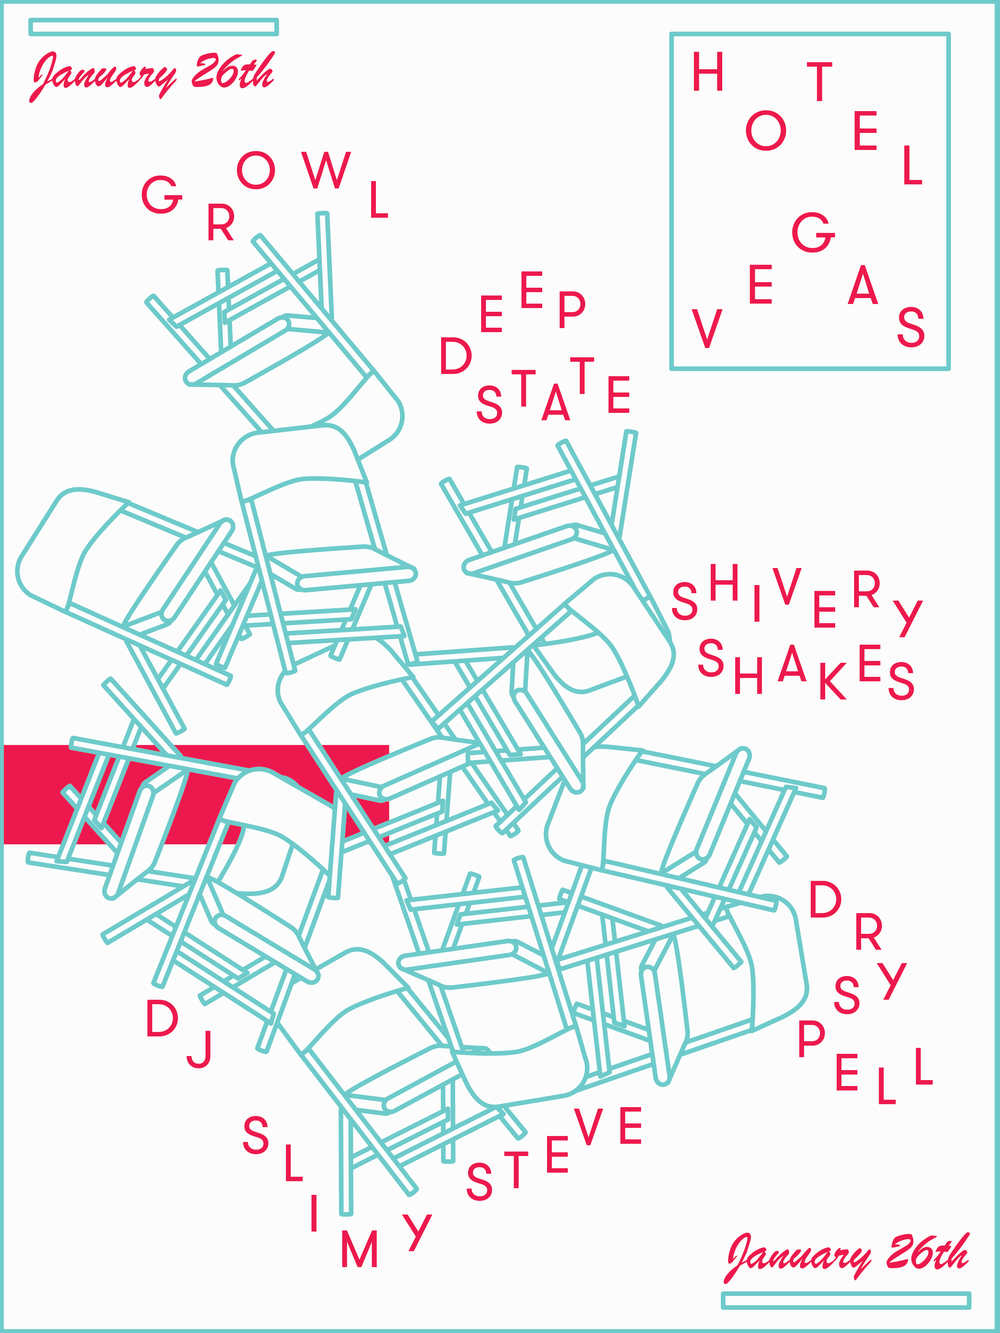 January 26, Austin, TX - Gig Poster for Hotel Vegas